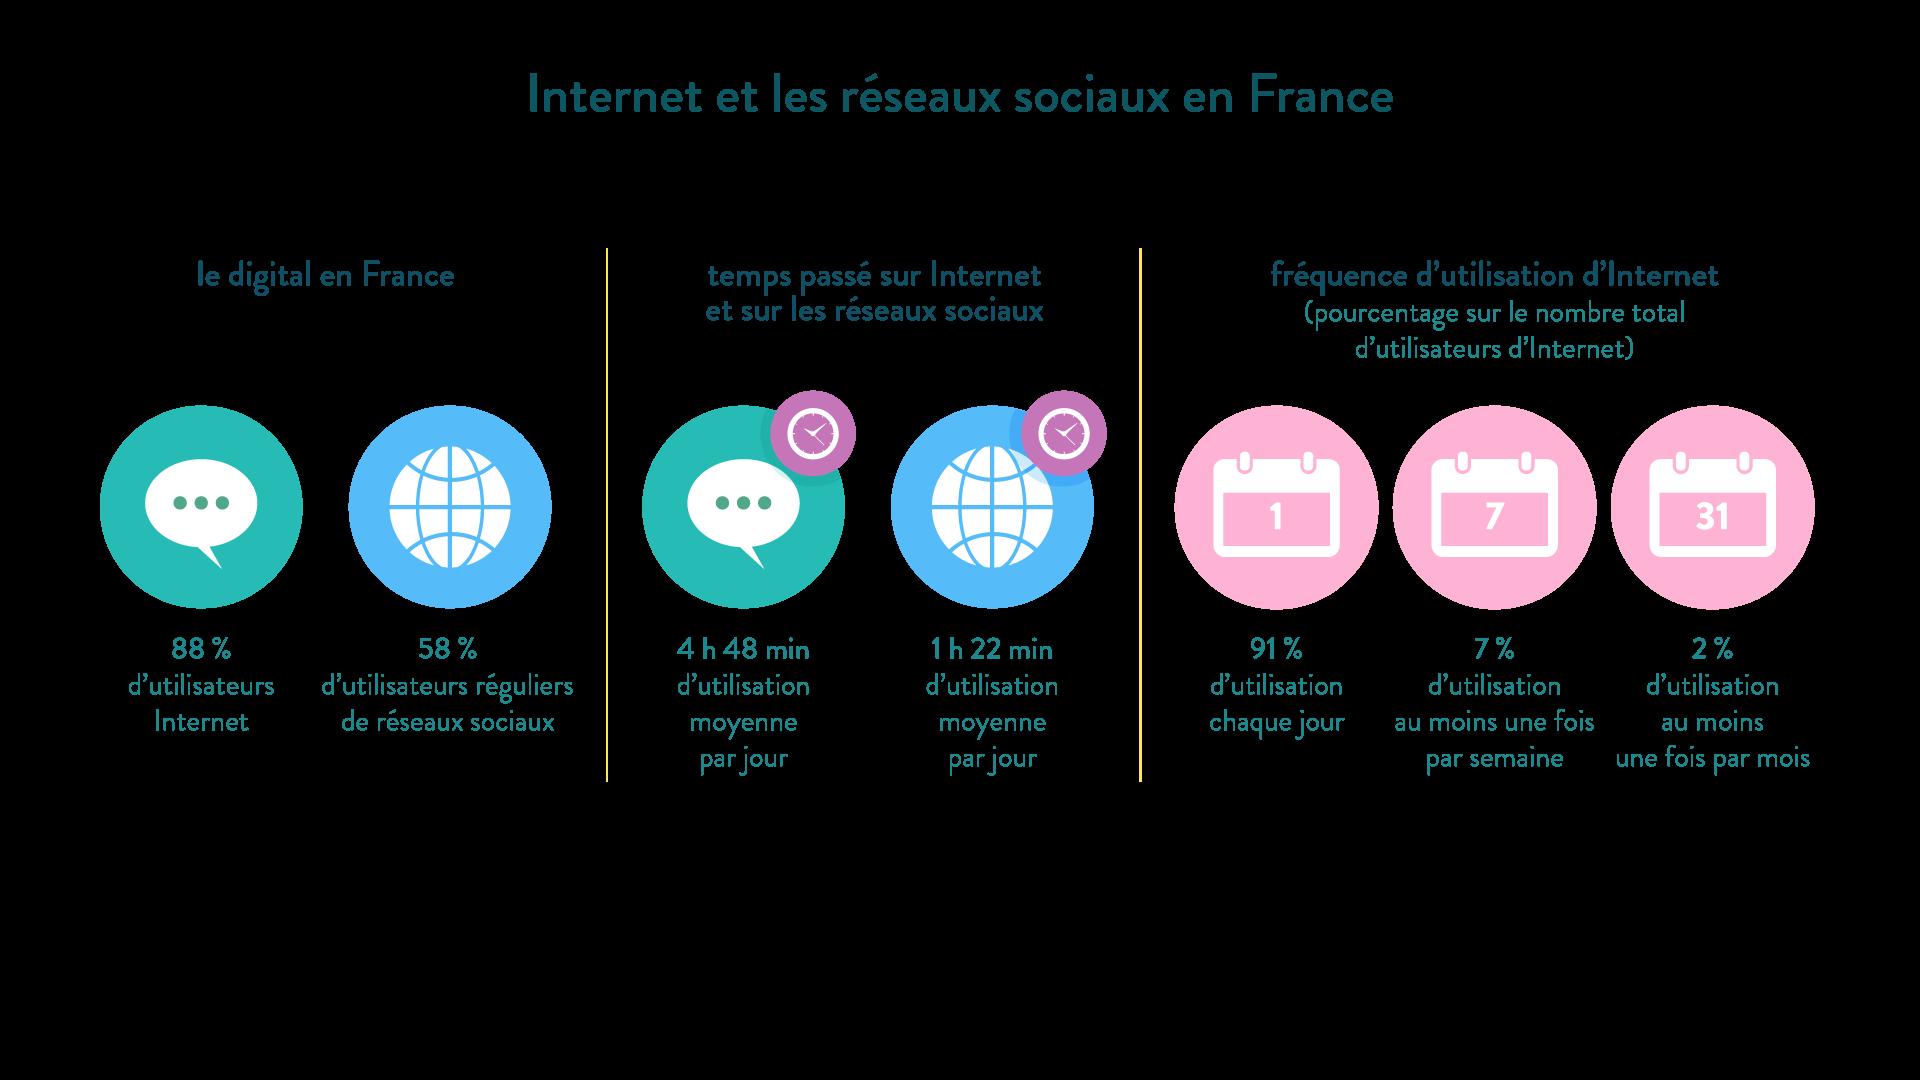 Internet réseaux sociaux France